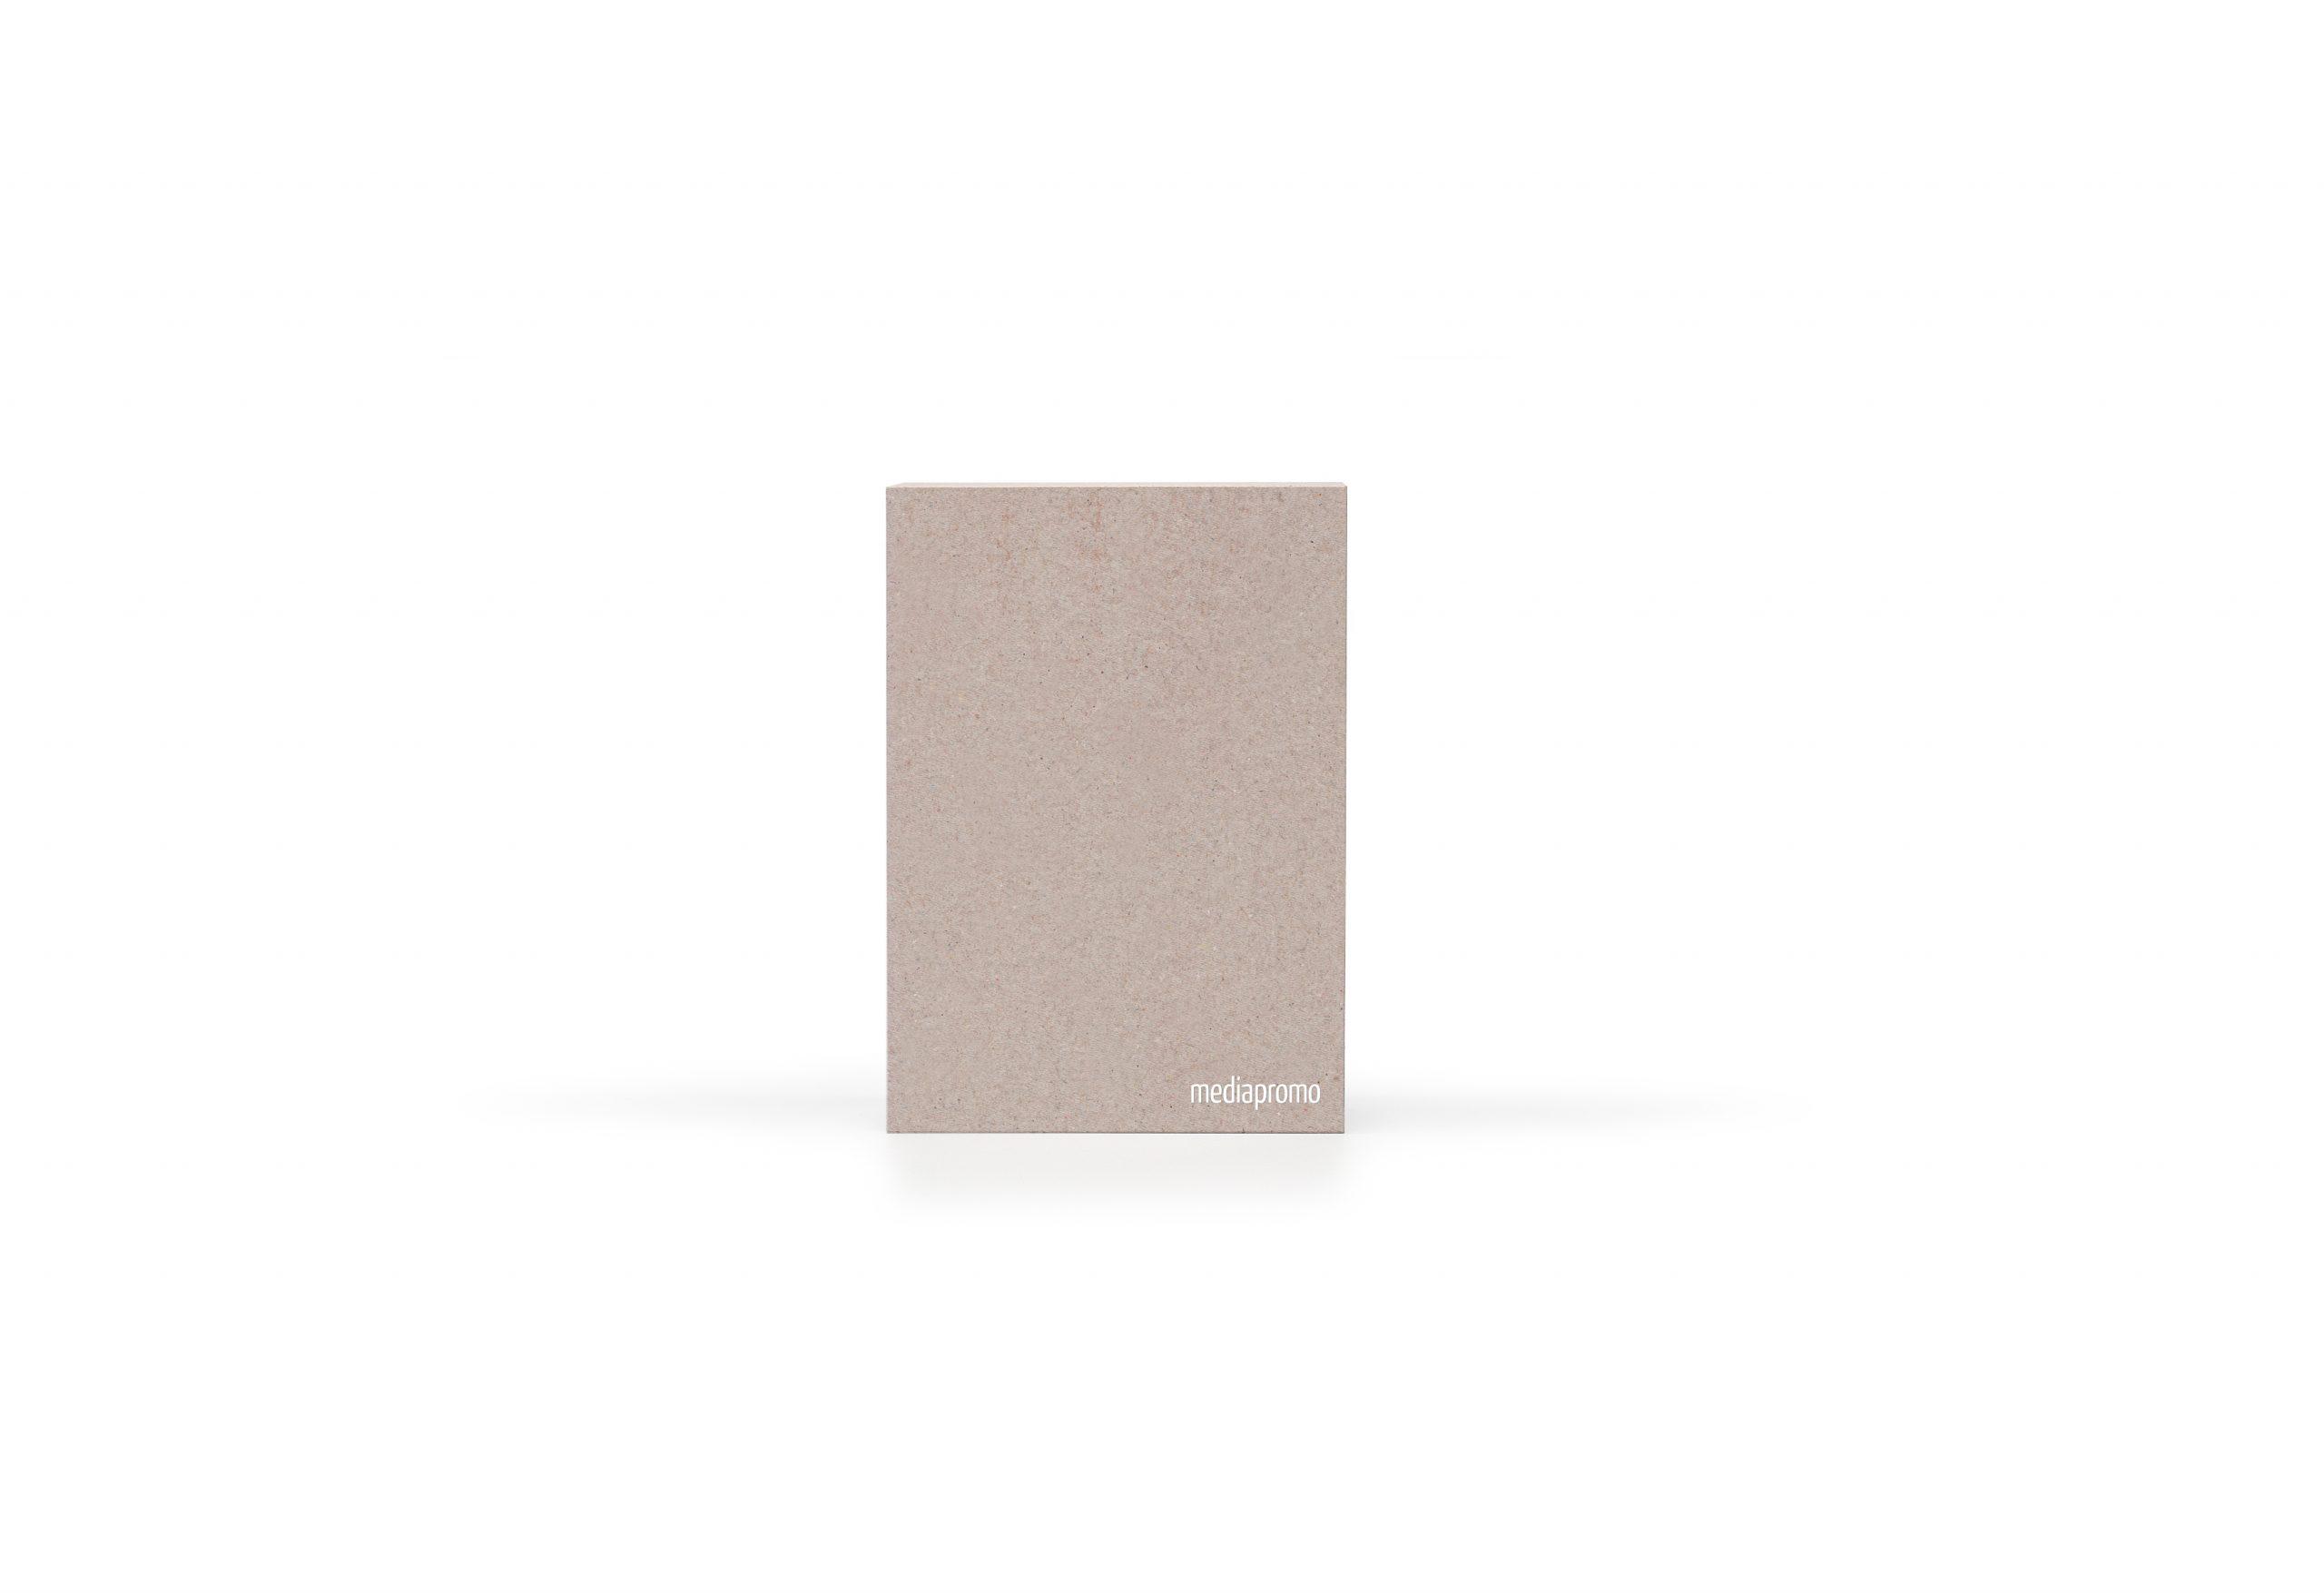 MEDIApack_cartão_compacto